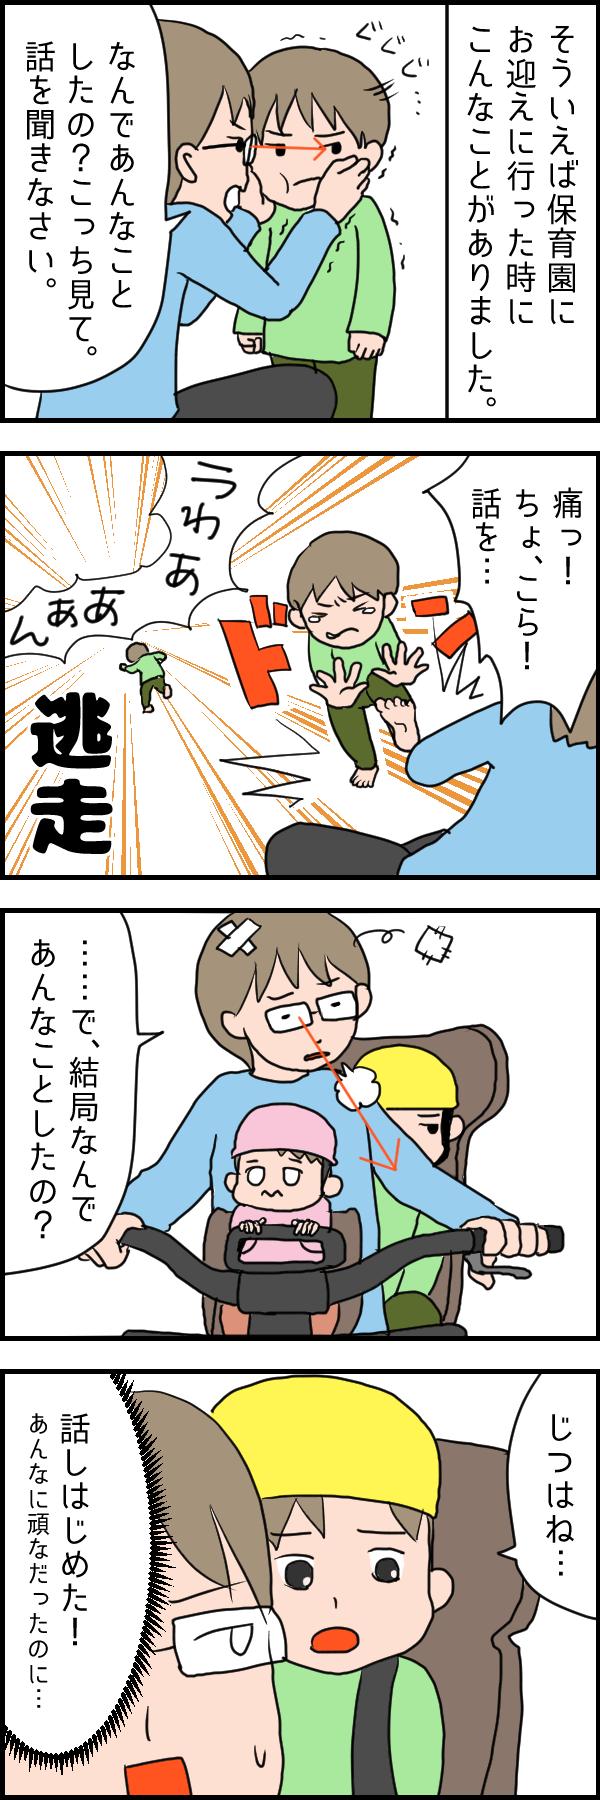 """""""謝らせること""""が目的になっていた?幼児の心に届く「幸せな叱り方」の画像3"""